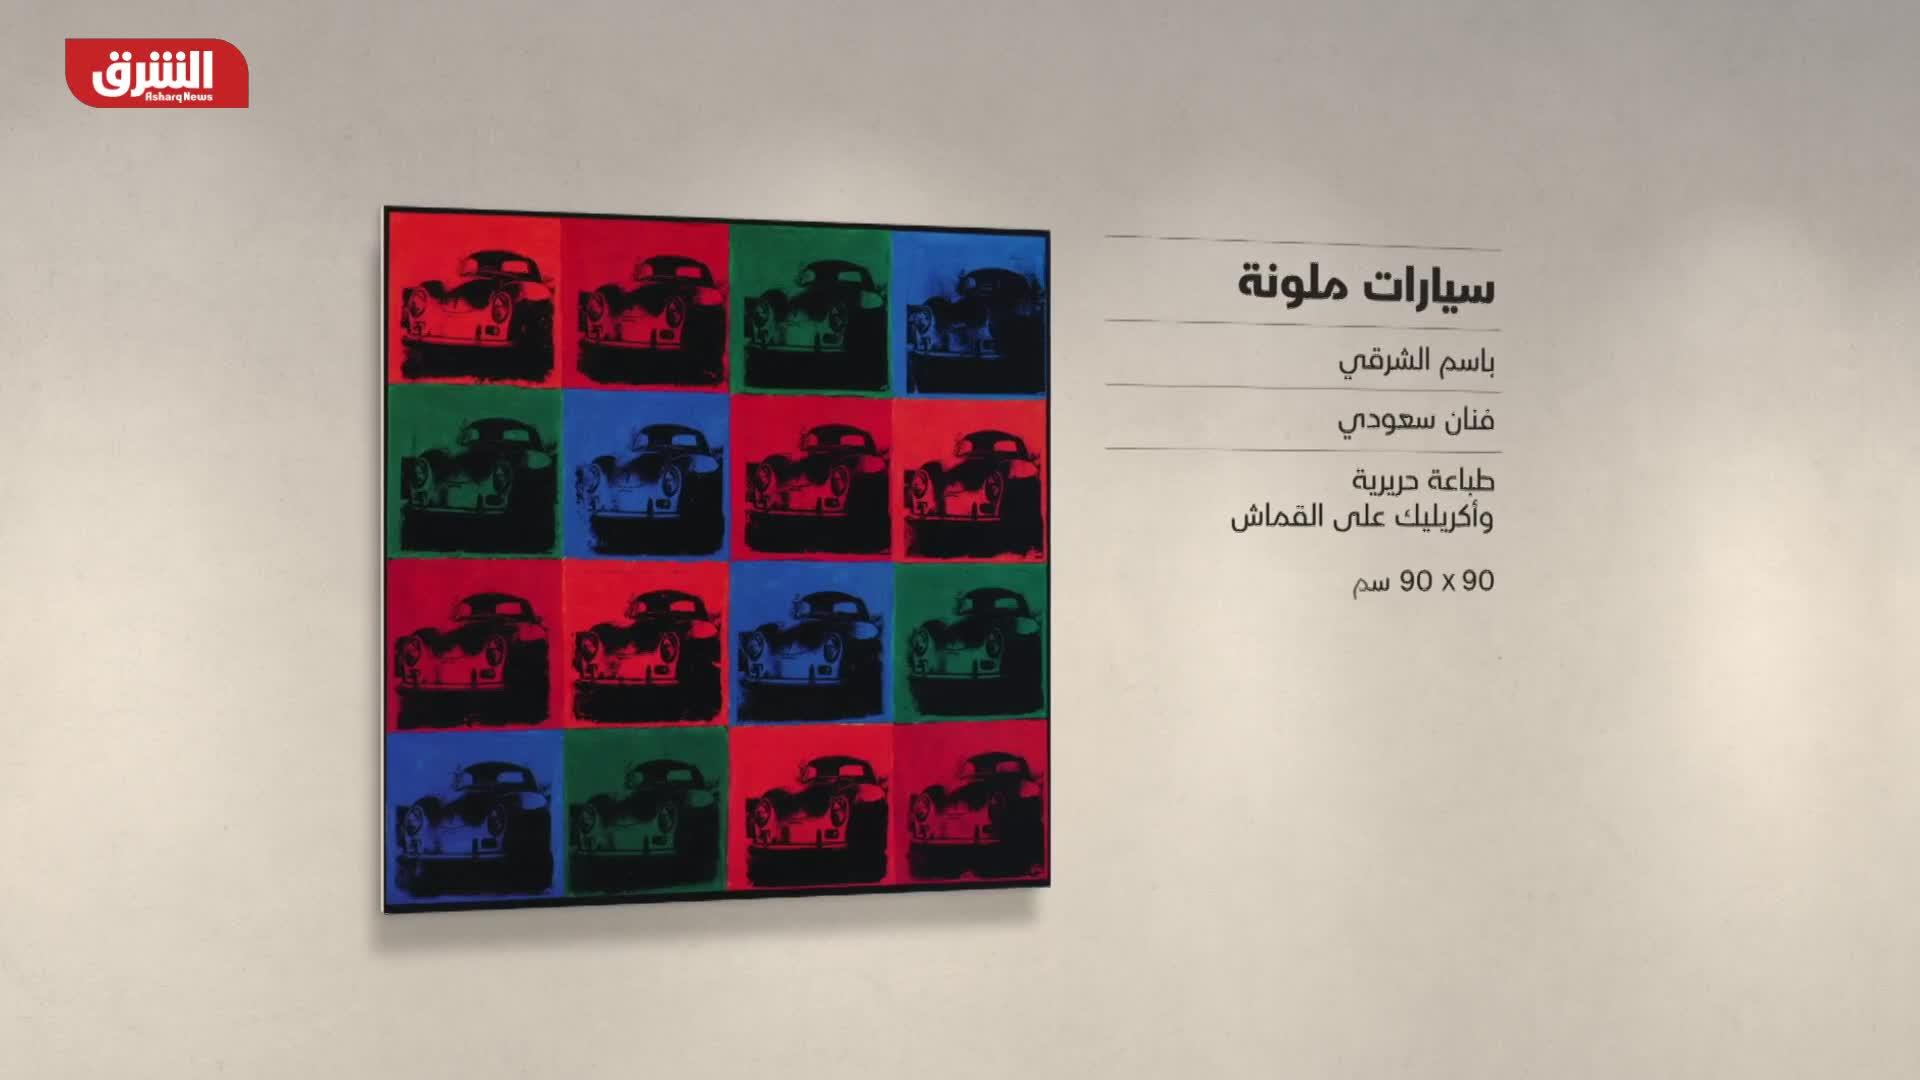 """غاليري الشرق - """"سيارات ملونة"""" باسم الشرقي"""